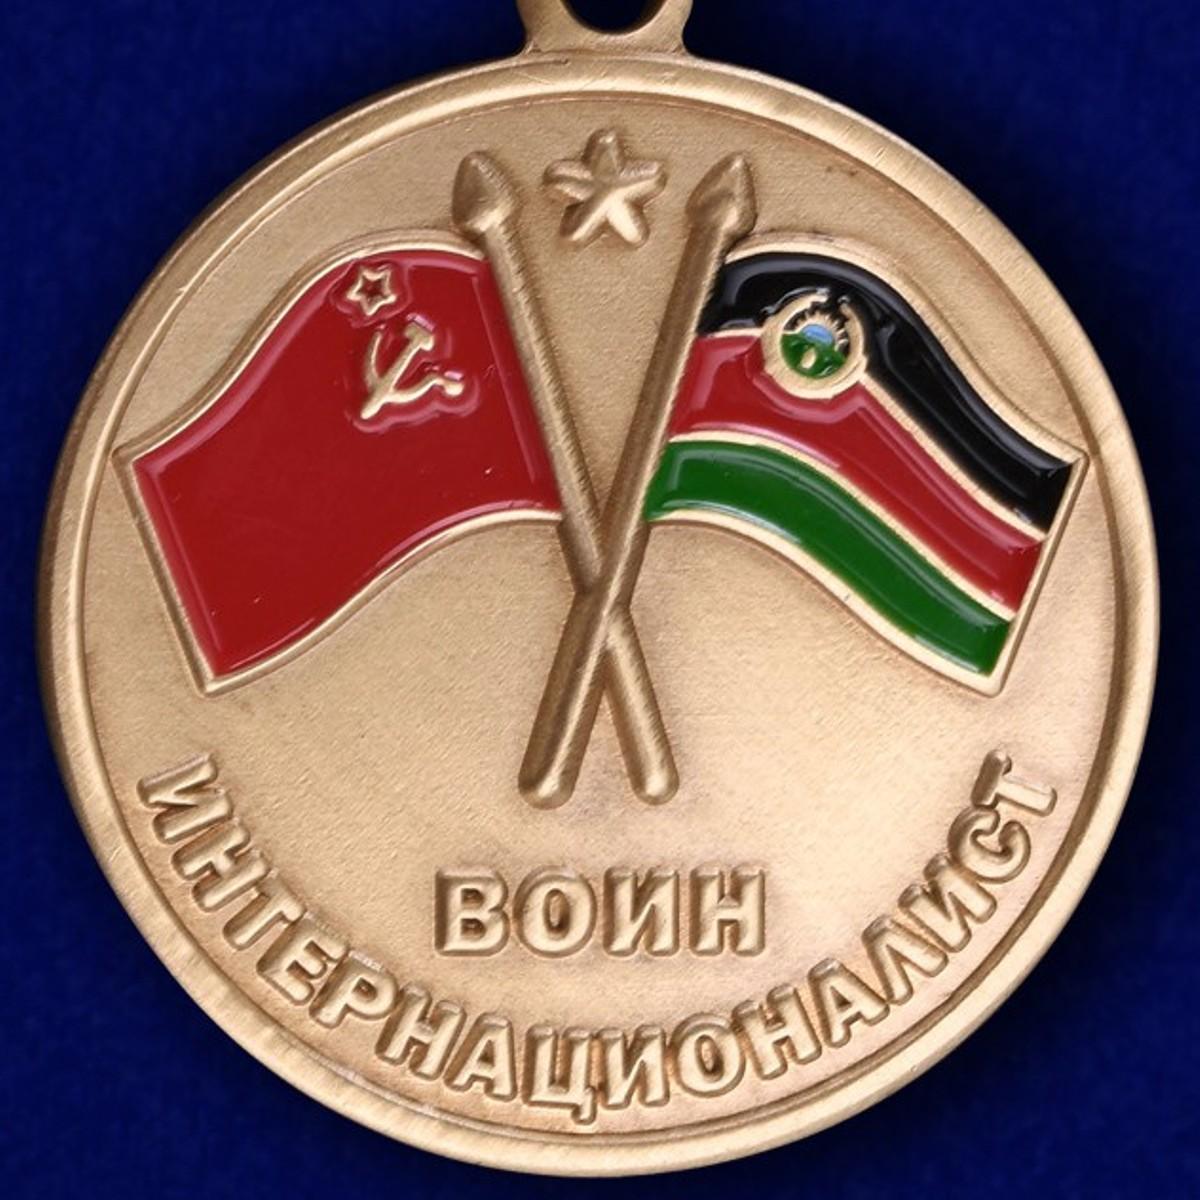 Купить медаль Участник боевых действий в Афганистане в футляре с покрытием из флока